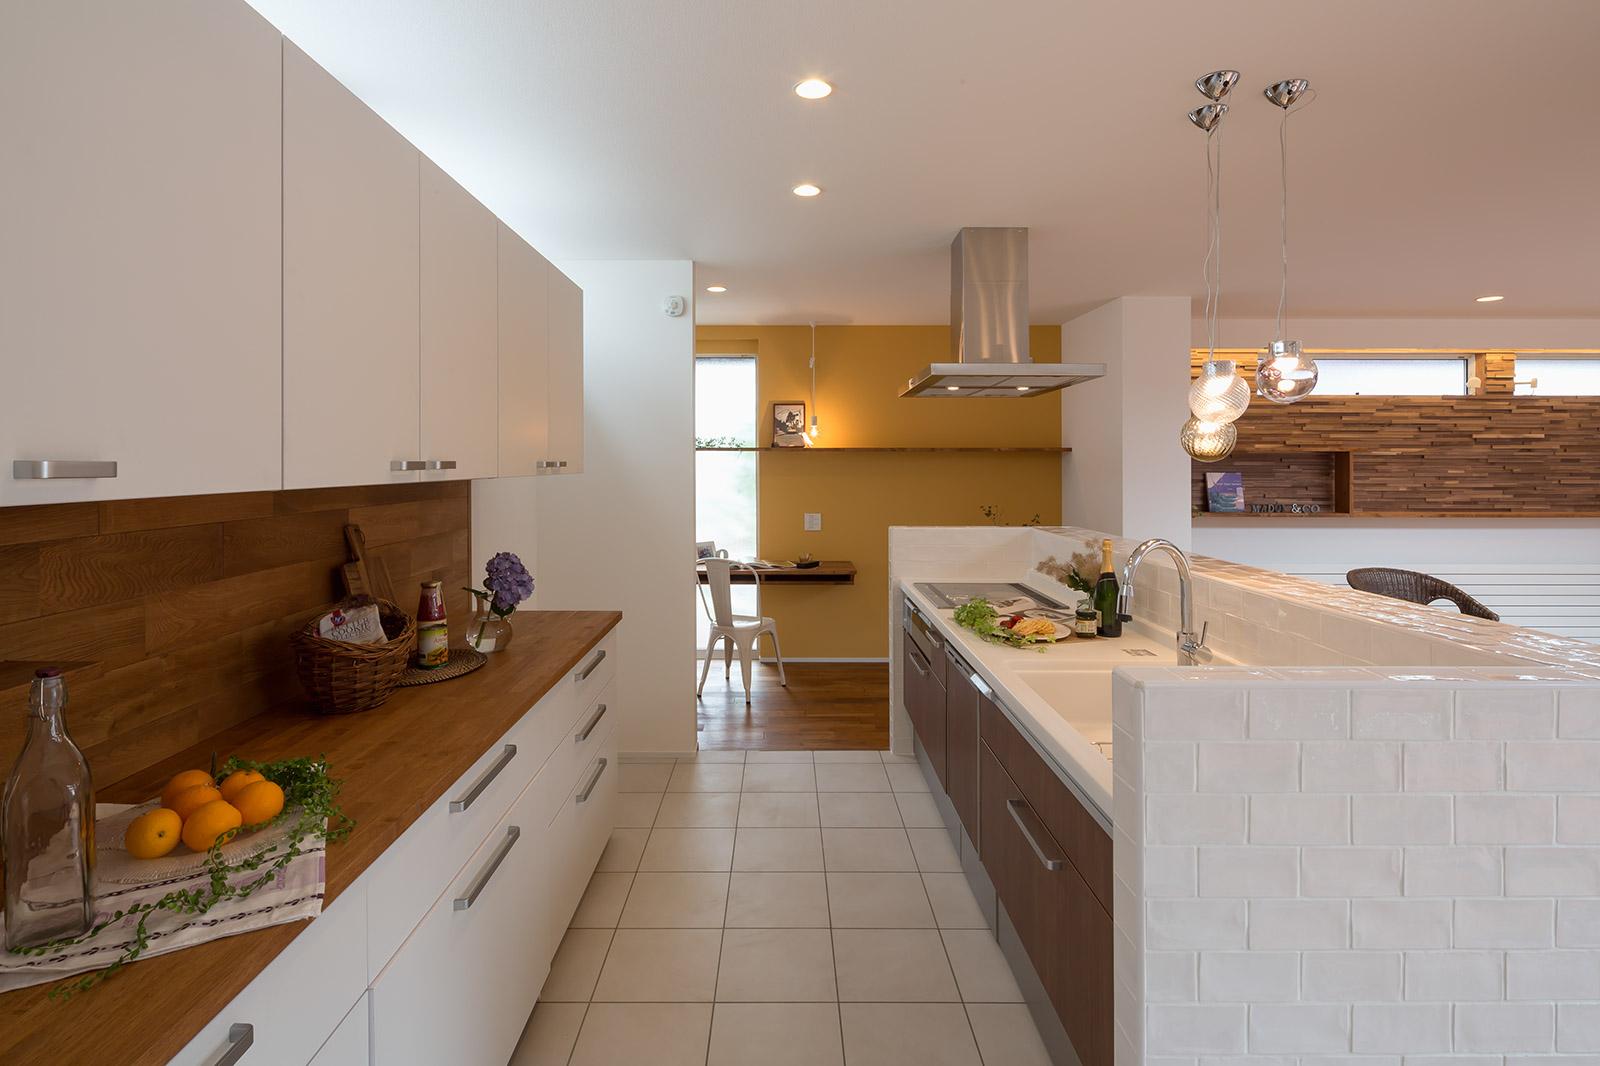 機能性も収納力も十分な1階キッチンは家族全員が使う団らんの要。奥には子どもたちの学習コーナーも